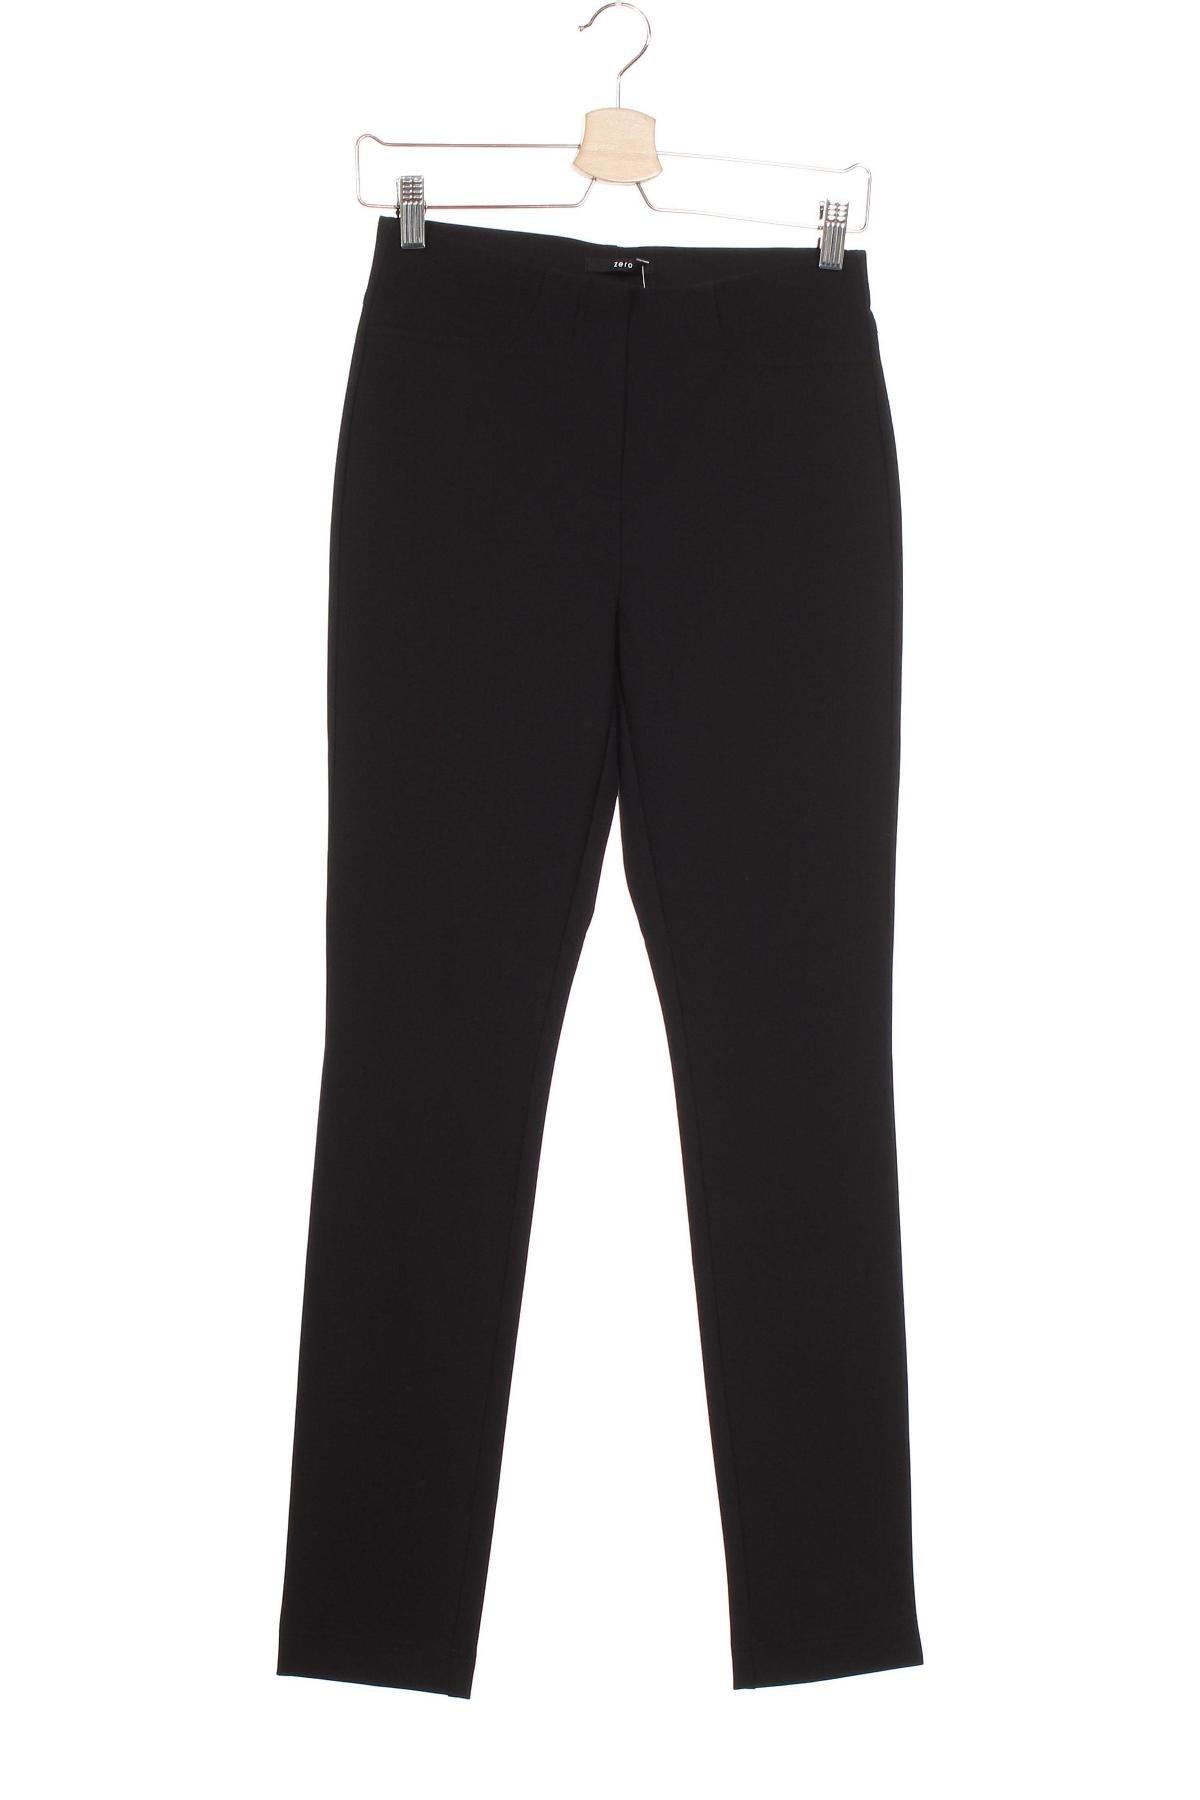 Дамски панталон Zero, Размер XS, Цвят Черен, 85% полиамид, 15% еластан, Цена 10,69лв.